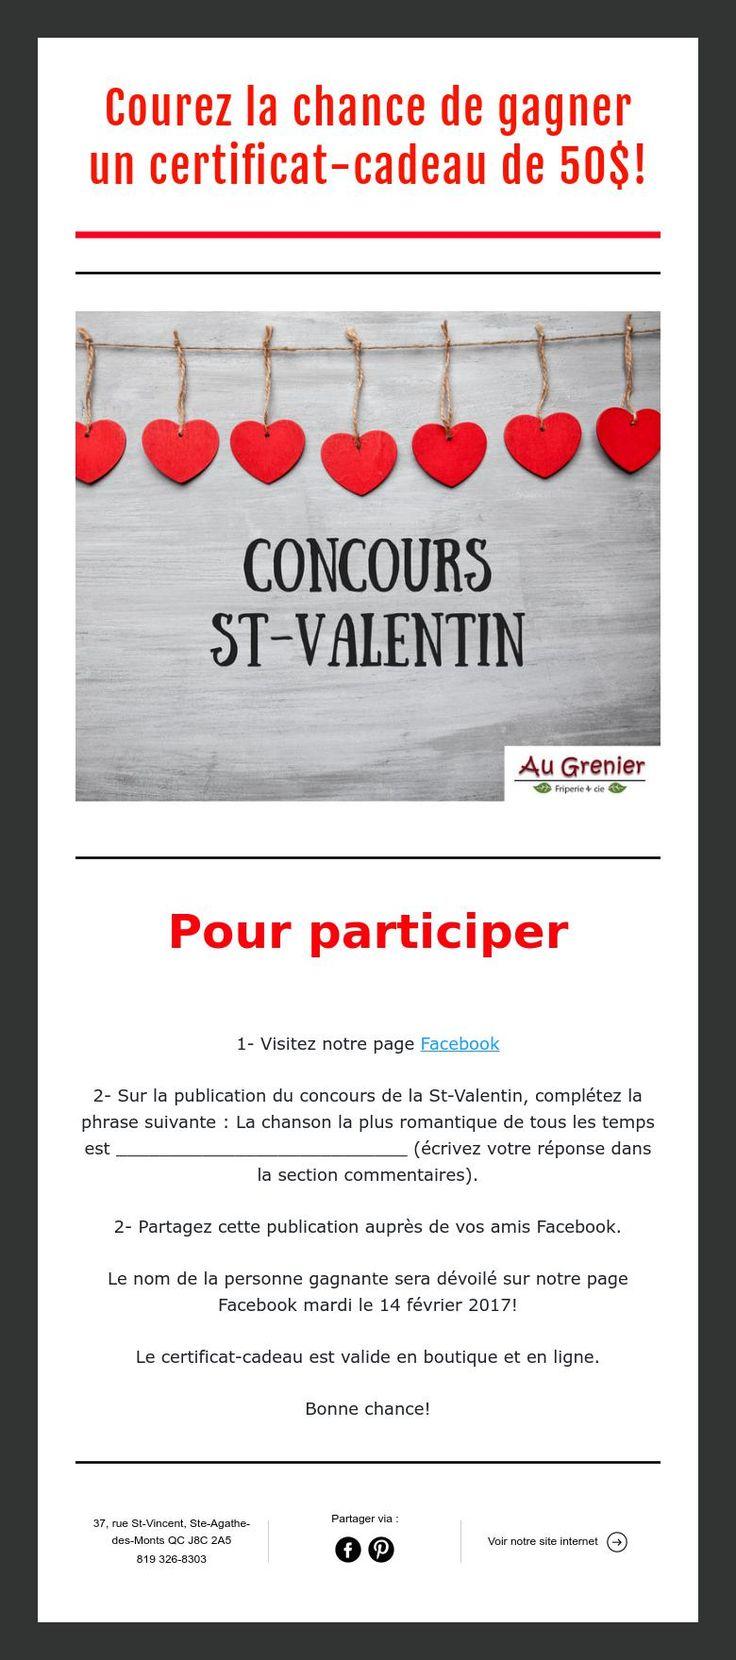 Concours de la St-Valentin! Courez la chance de gagner un certificat-cadeau de 50$ chez Au Grenier - Friperie et cie